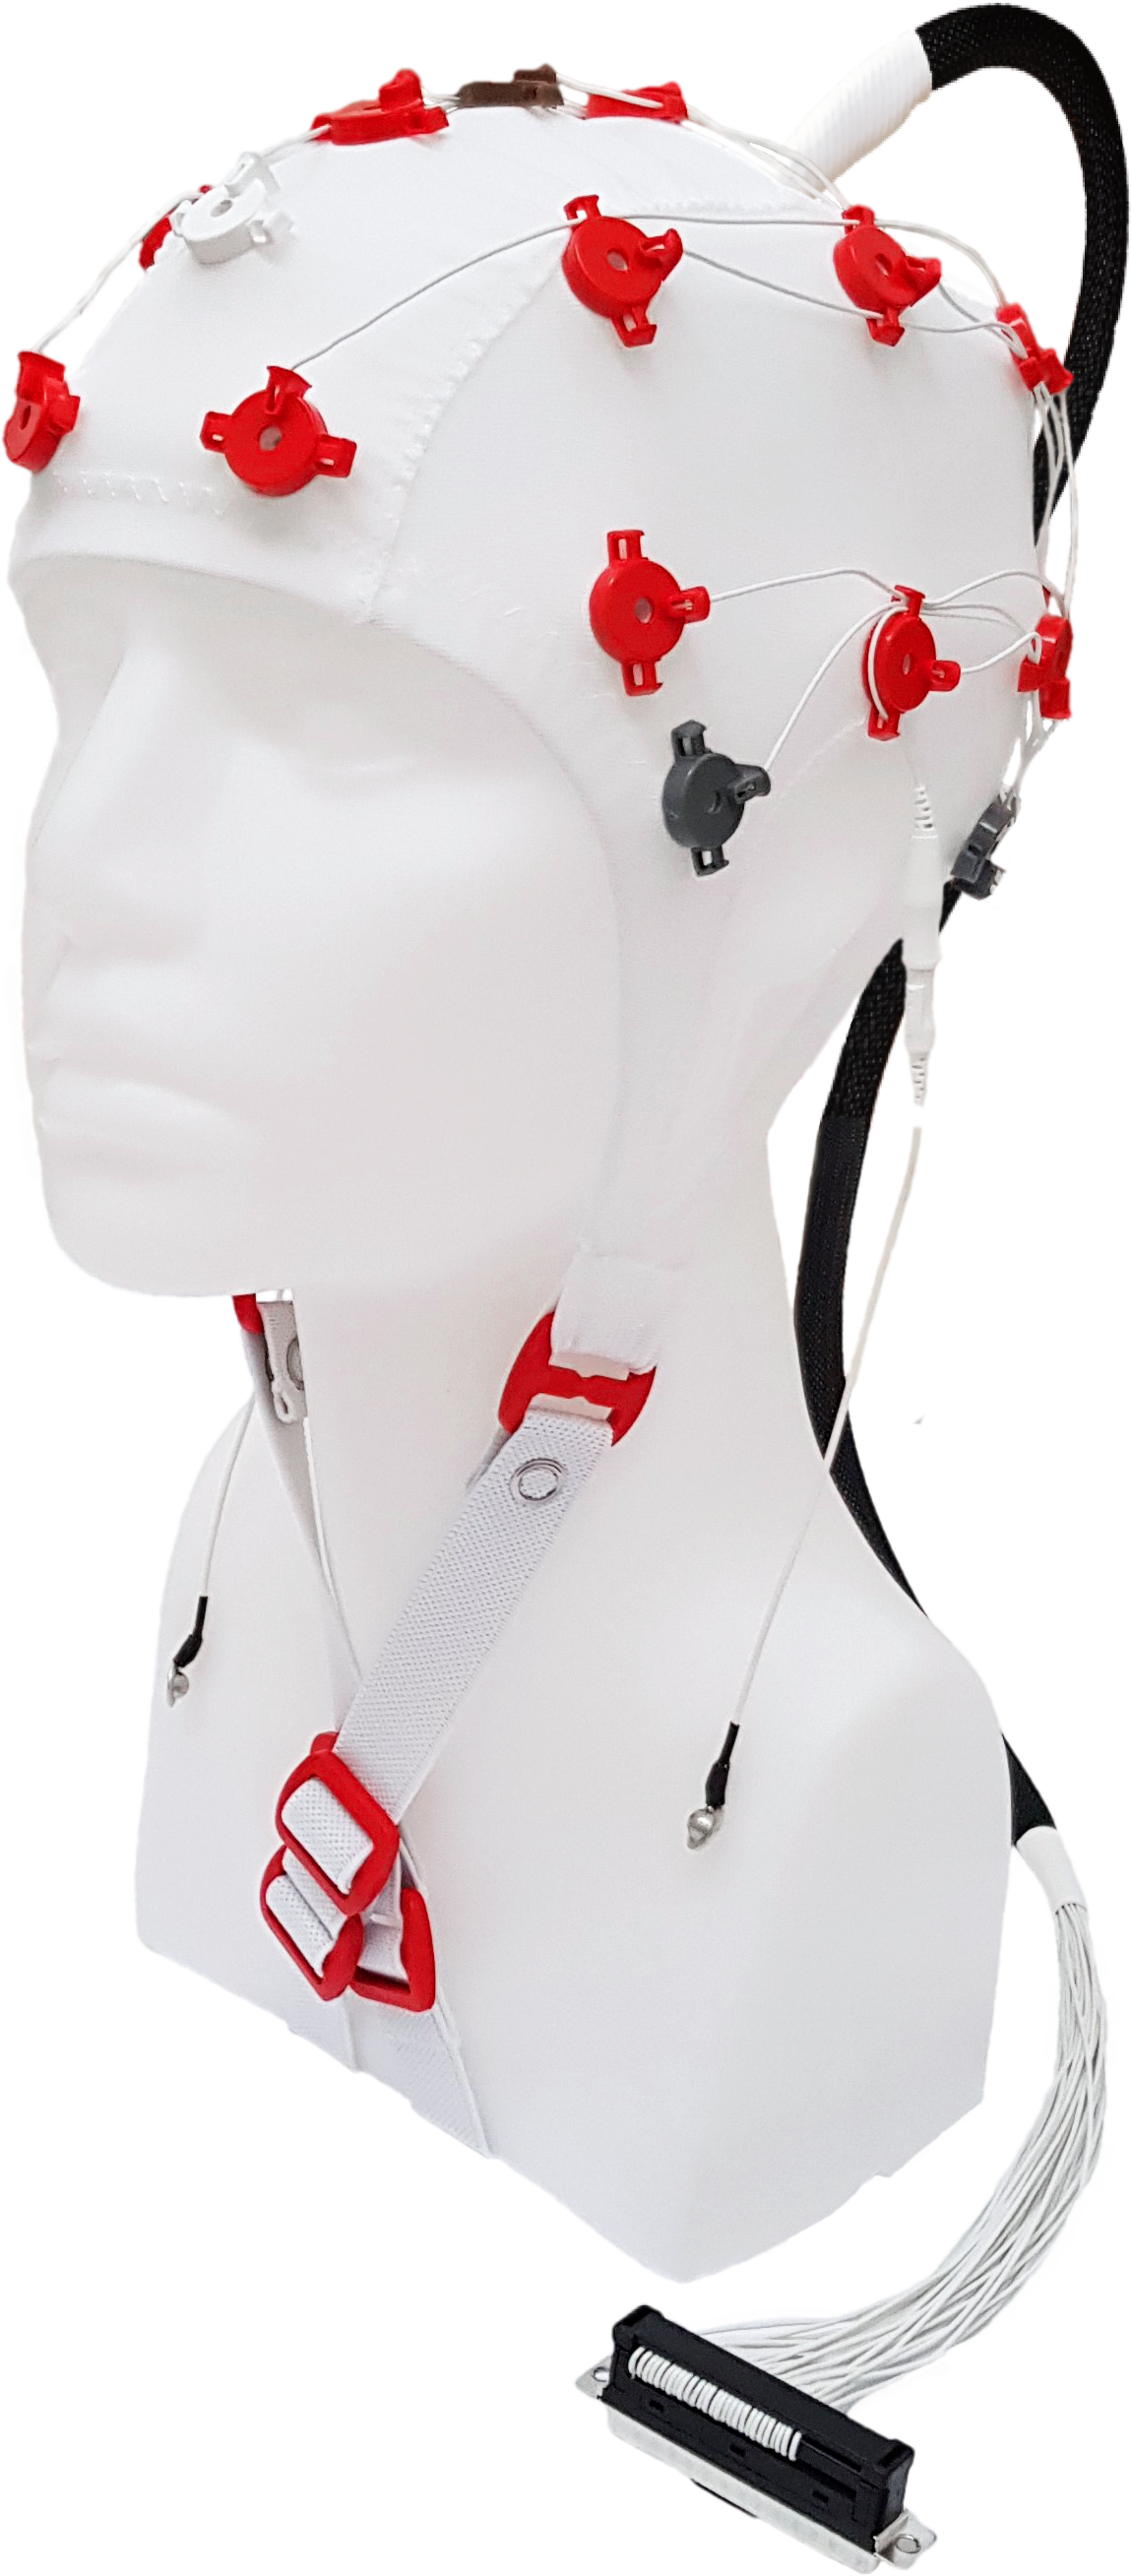 EEG čepice FlexiCAP UP 19+6 kanálů - nový IFCN standard: M (55 – 59 cm), červená, NEOBSAHUJE KABEL PRO PŘIPOJENÍ 45-893